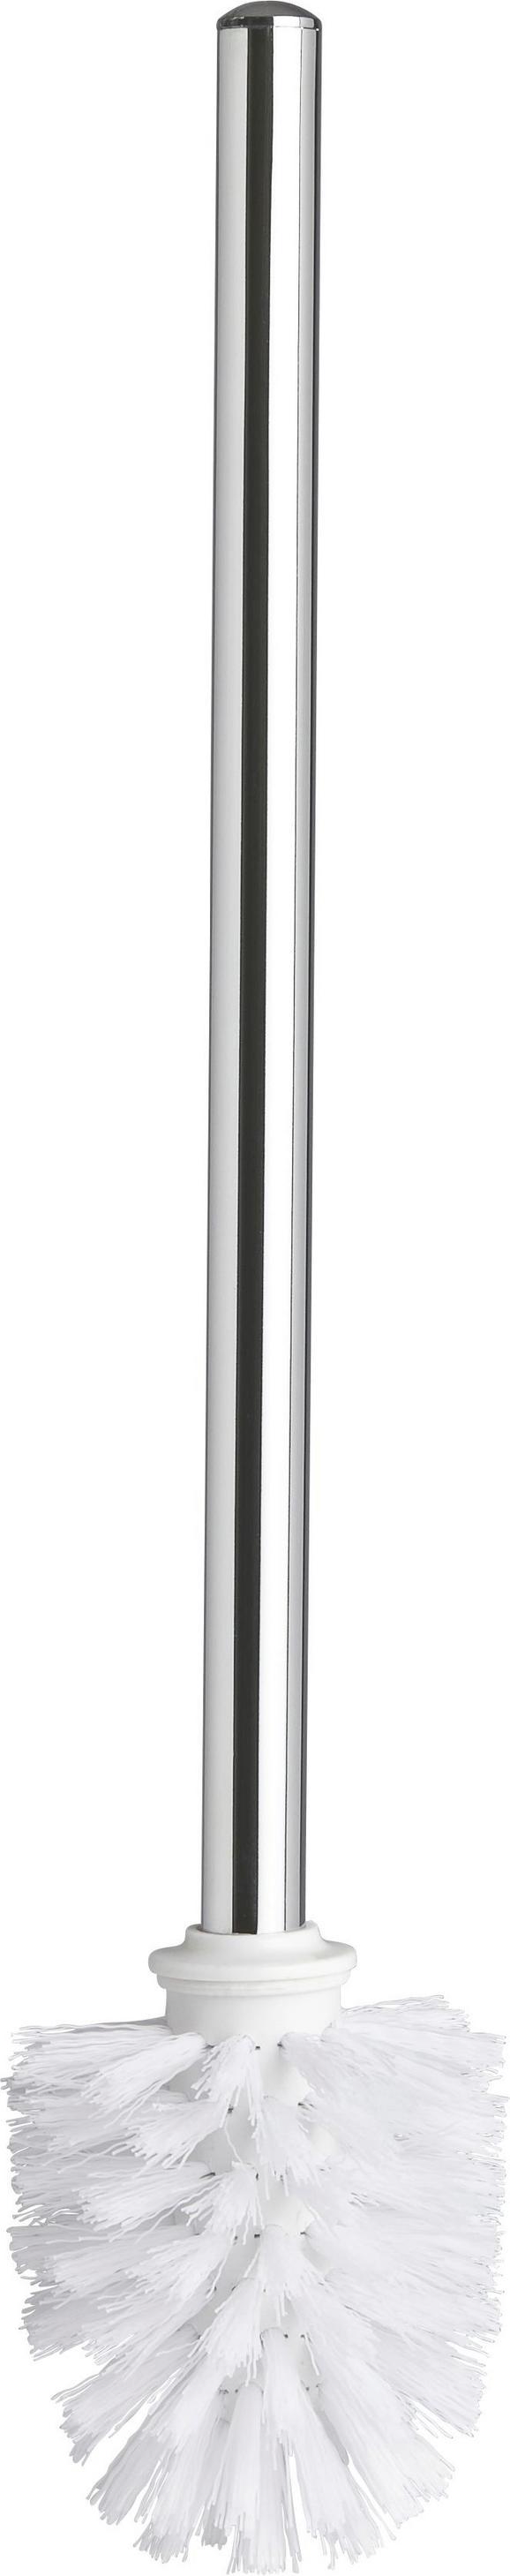 WC-Bürste Vision Chromfarben - Kunststoff/Metall (8/37,5cm) - Mömax modern living